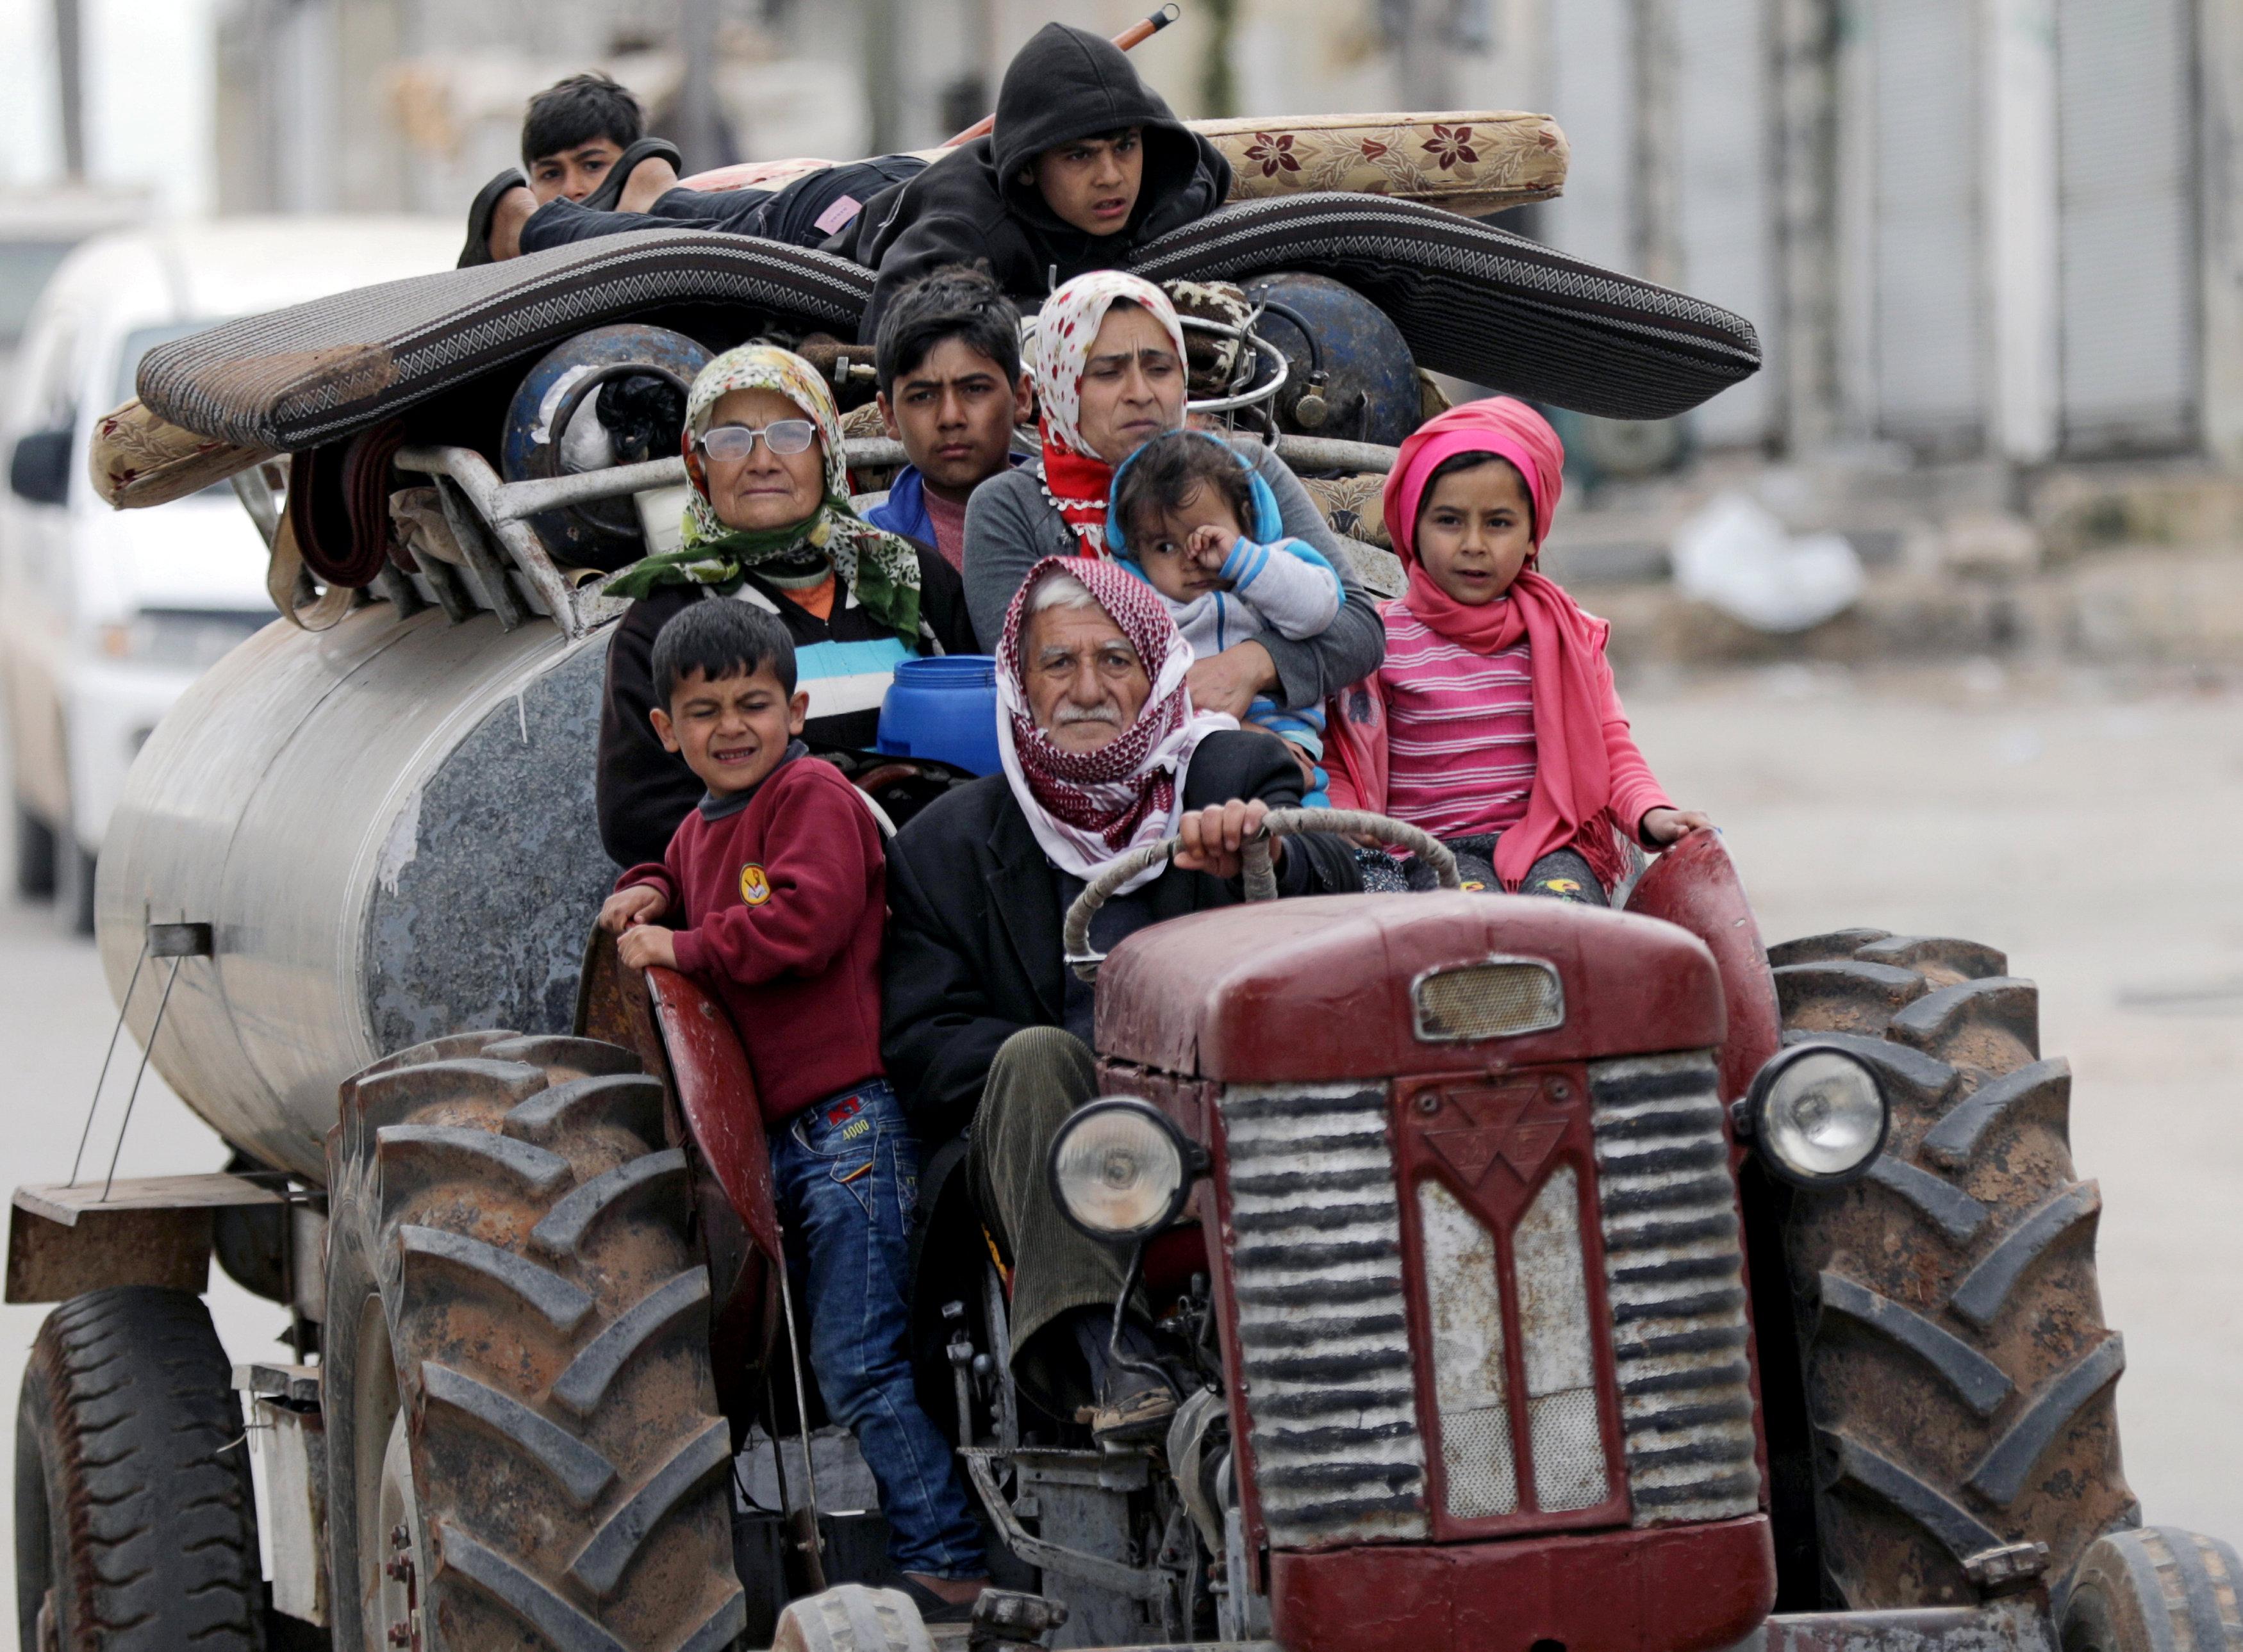 عائلة سورية تستخدم الجرار الزراعي للرحيل عن منزلها هربا من القصف التركي في عفرين